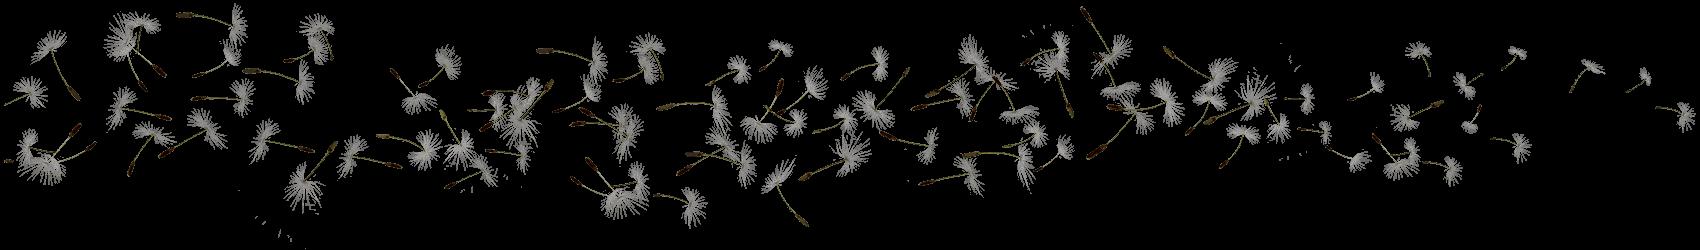 pollen pistils